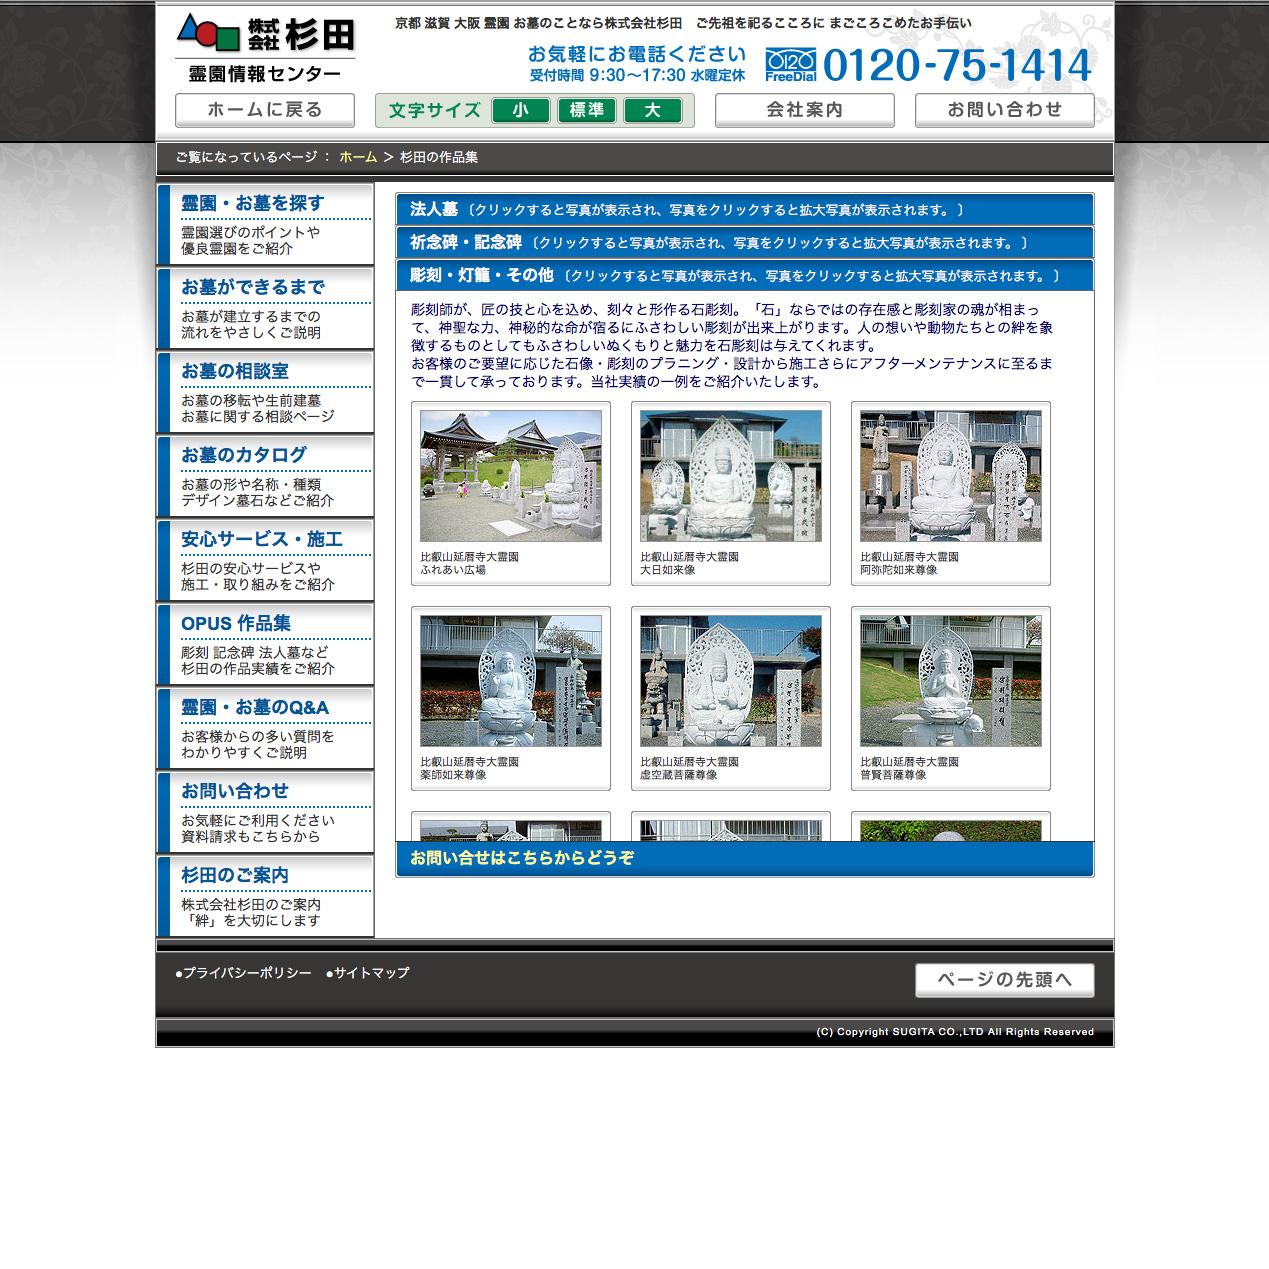 株式会社杉田の石彫刻の作品紹介ページ